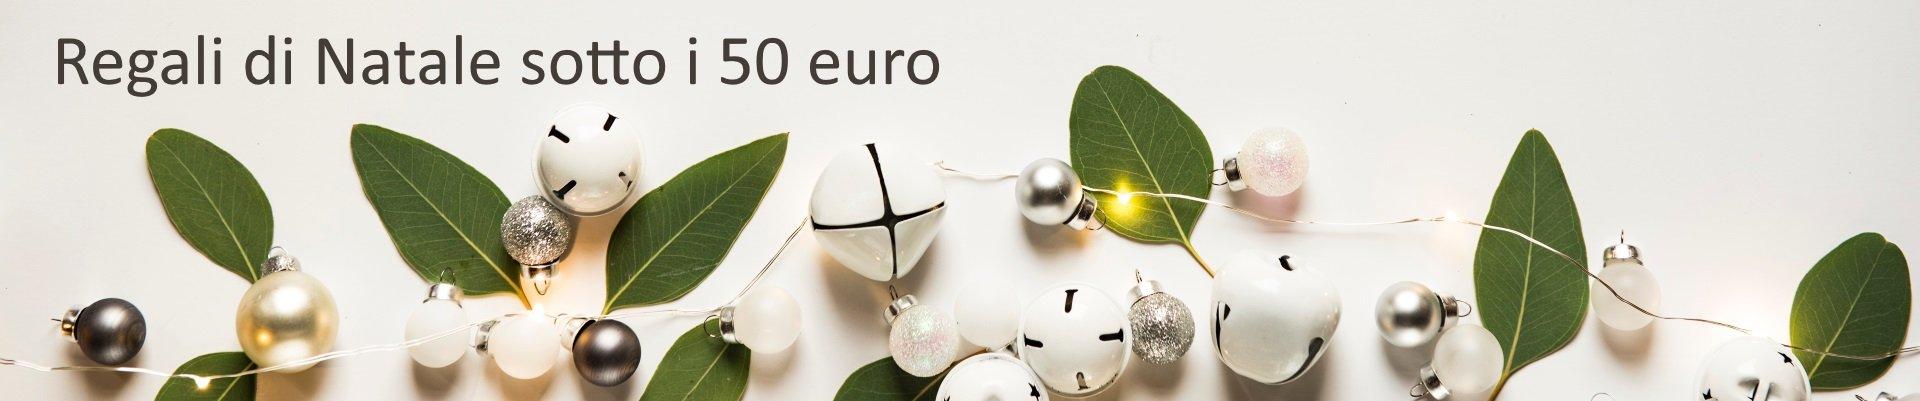 regali sotto i 50 euro natale